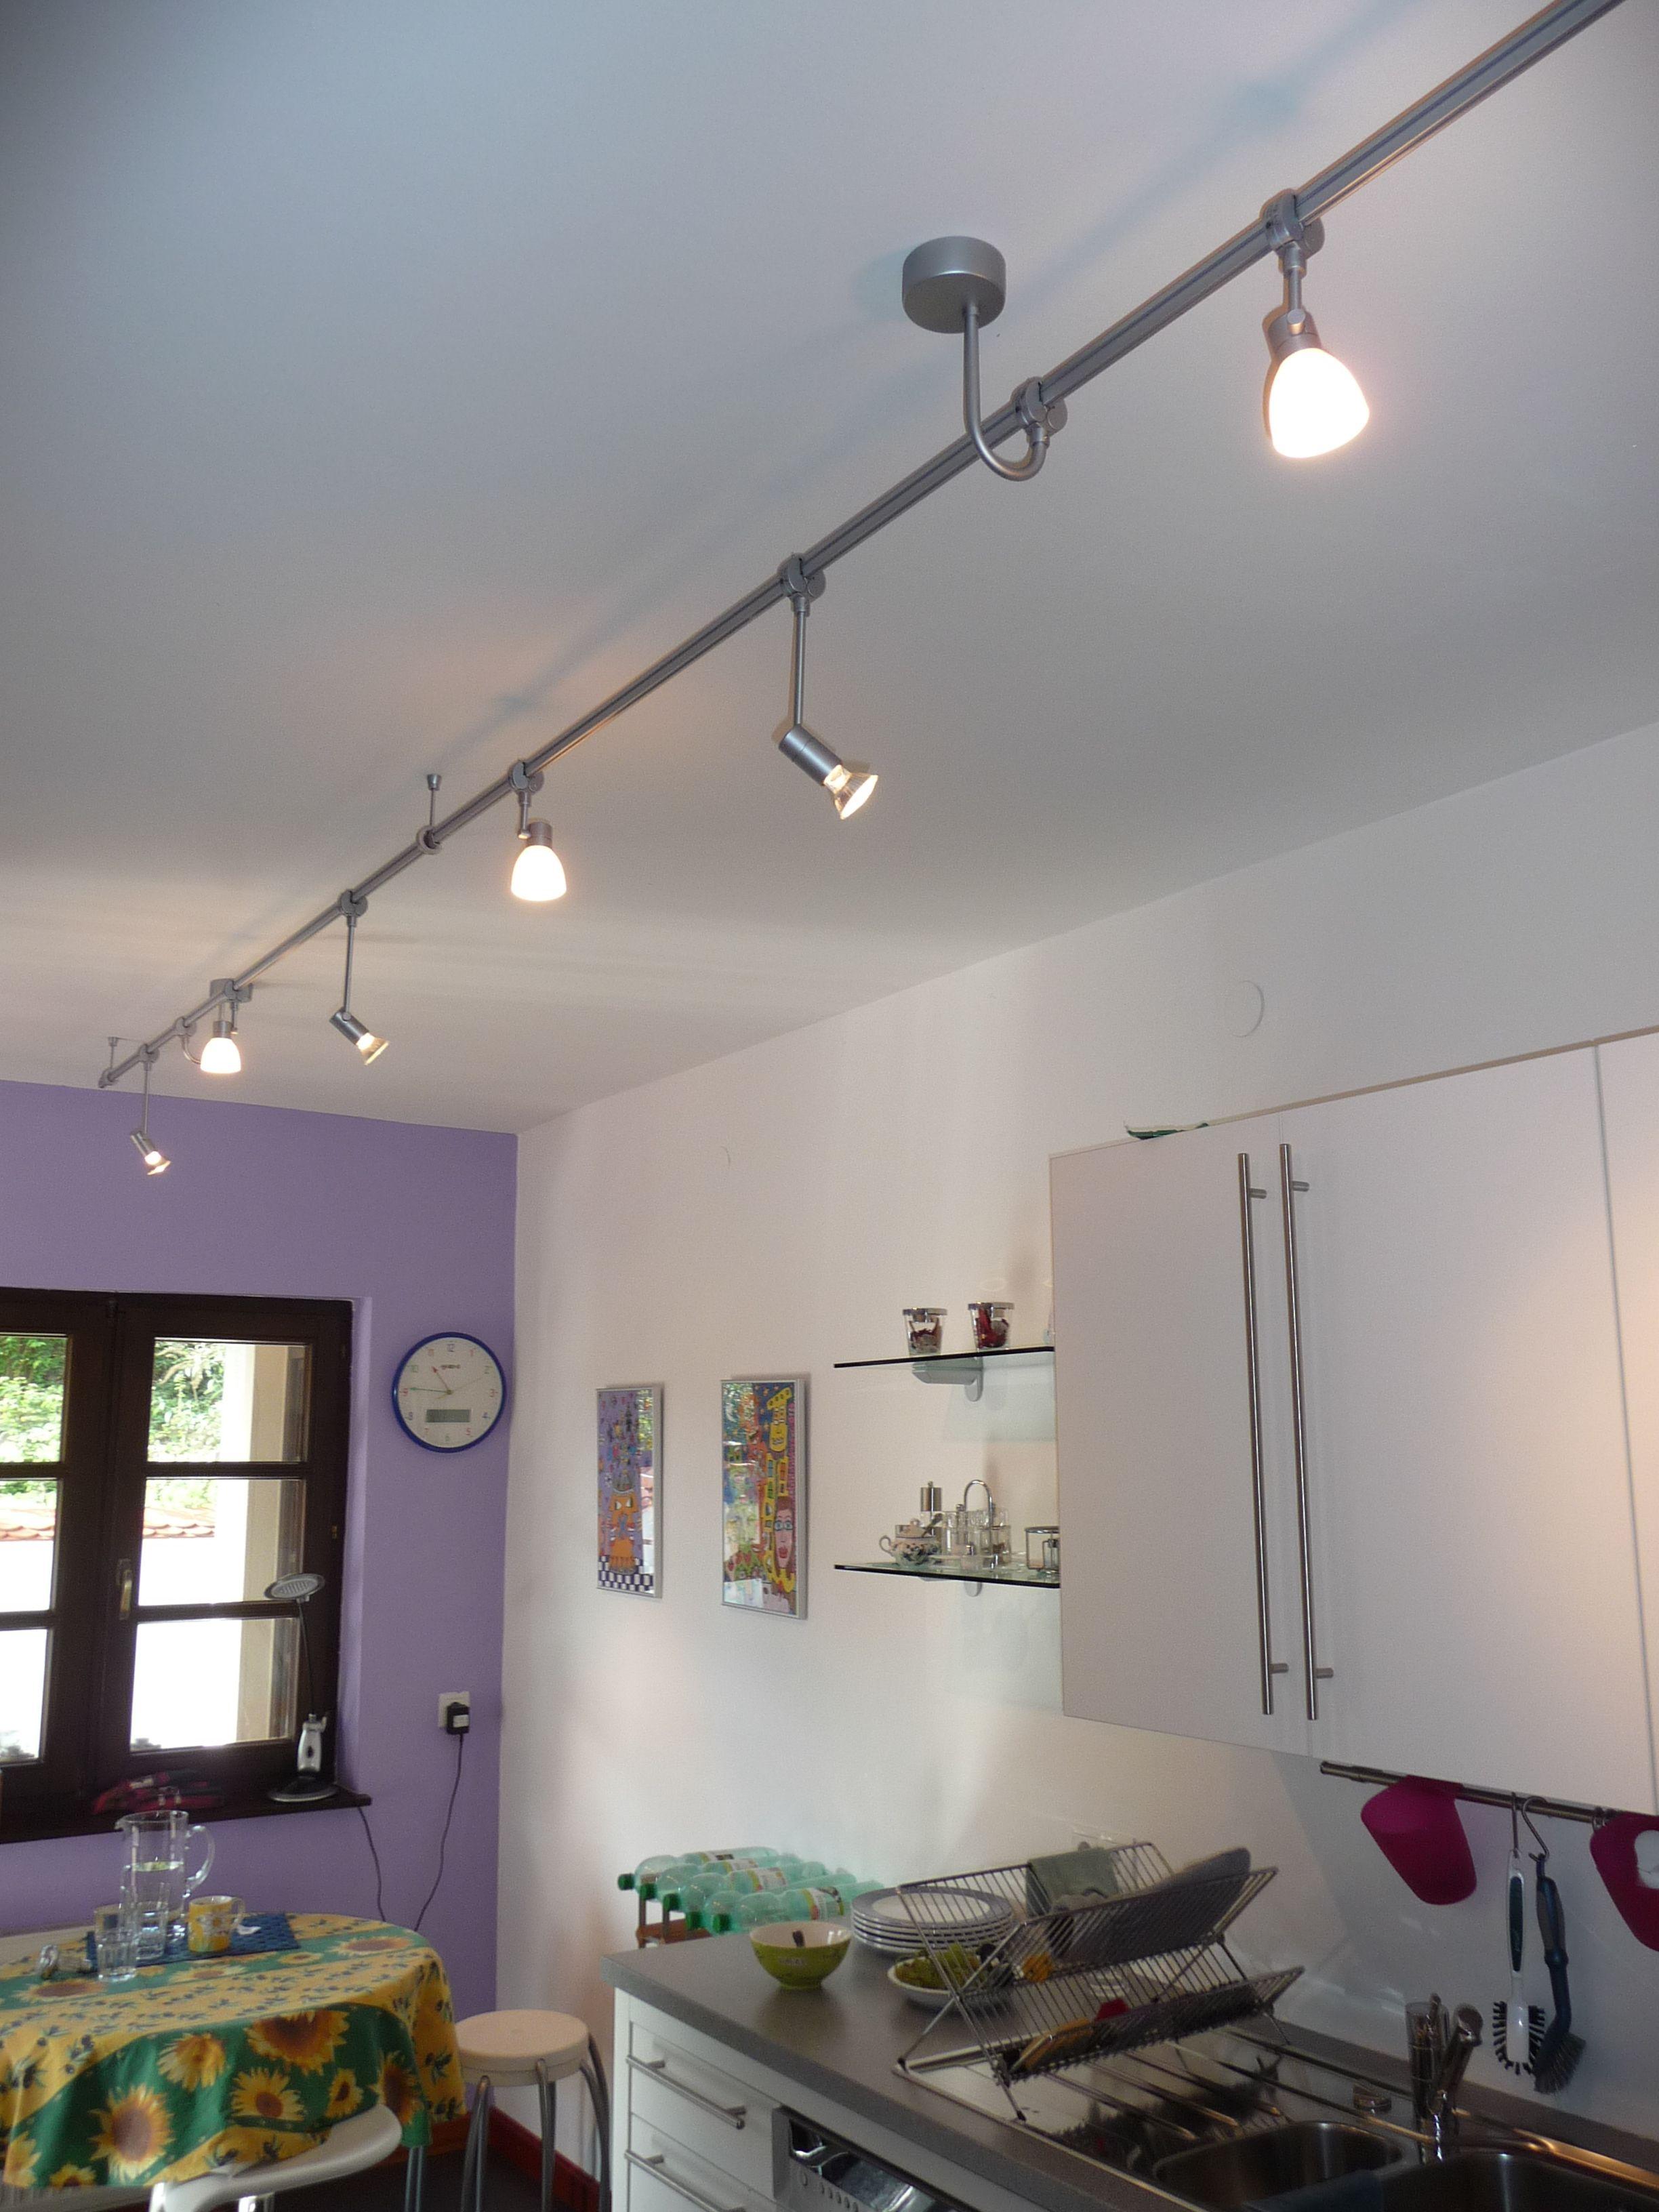 beleuchtung seilsystem kotierung bild oder fffddfaffcae